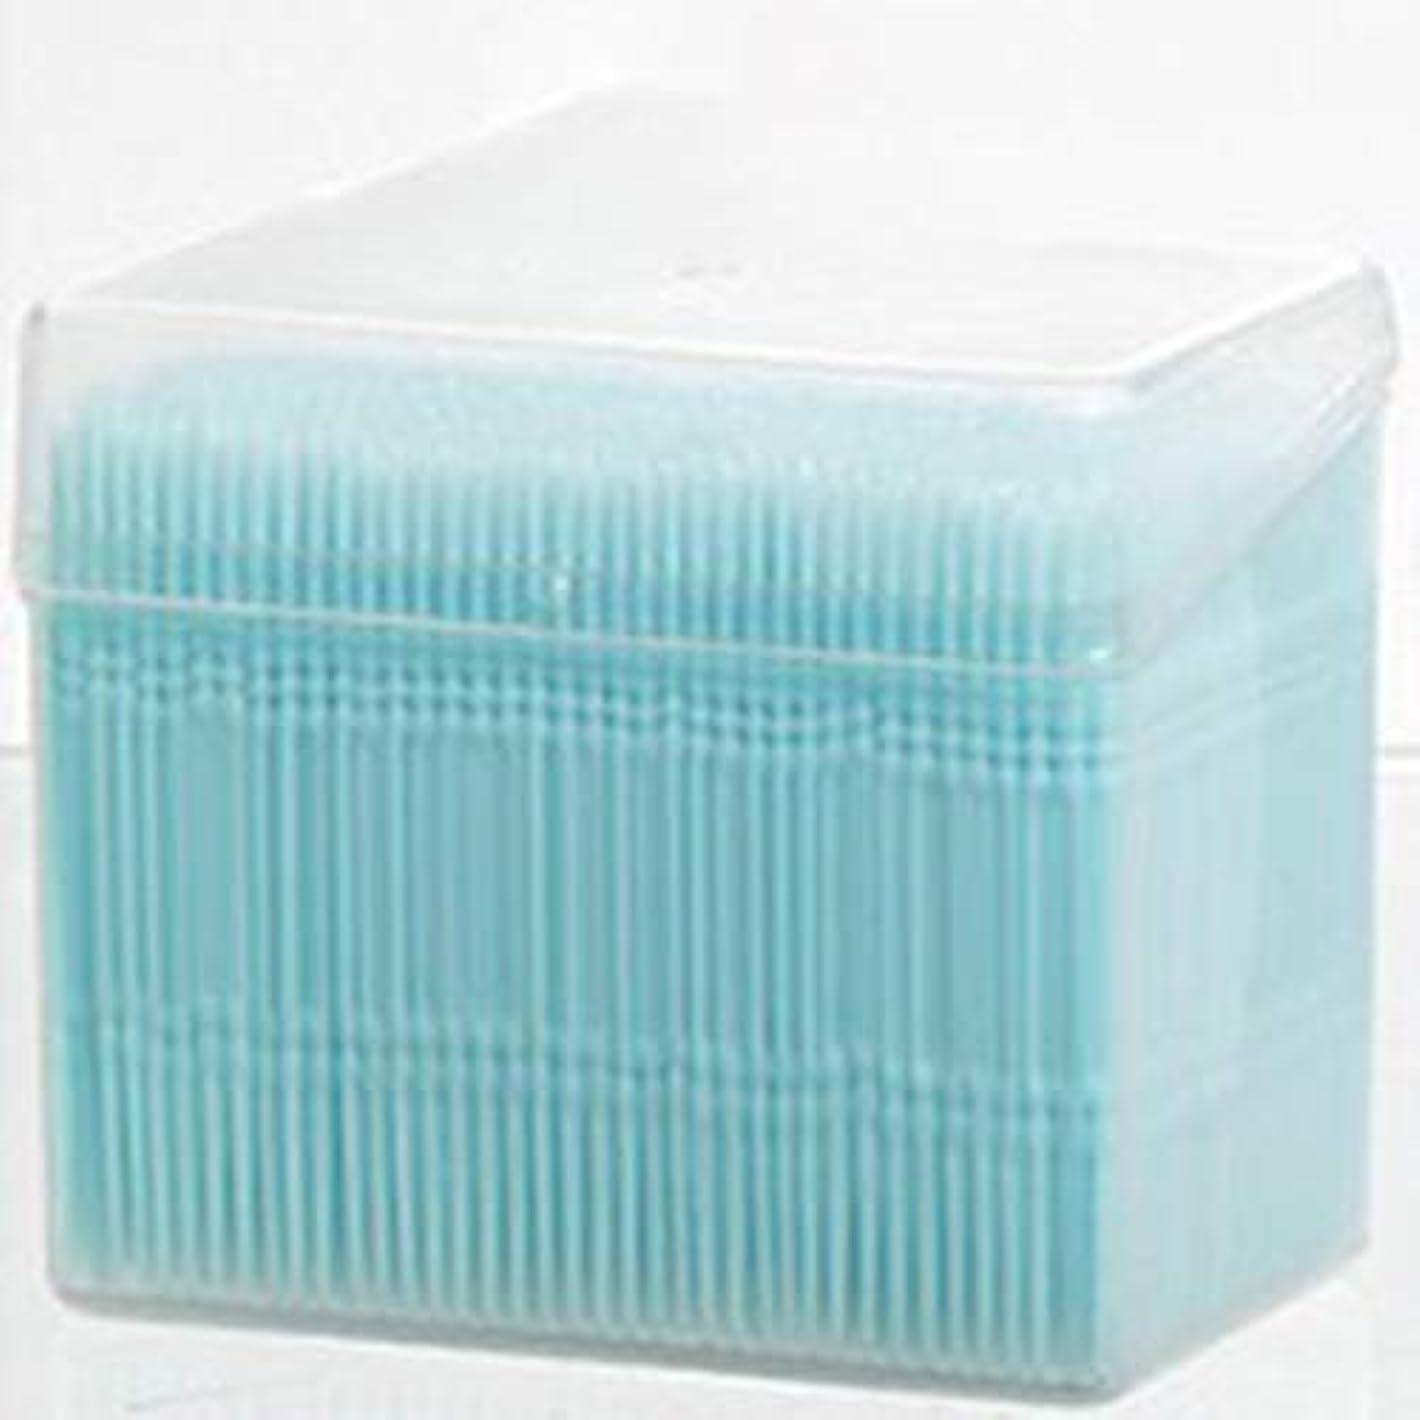 風電卓鮮やかなBirdlantern 1100ピース/セットダブルヘッド使い捨て歯フロス衛生デンタルフロス歯間つまようじ健康のための口腔ケア